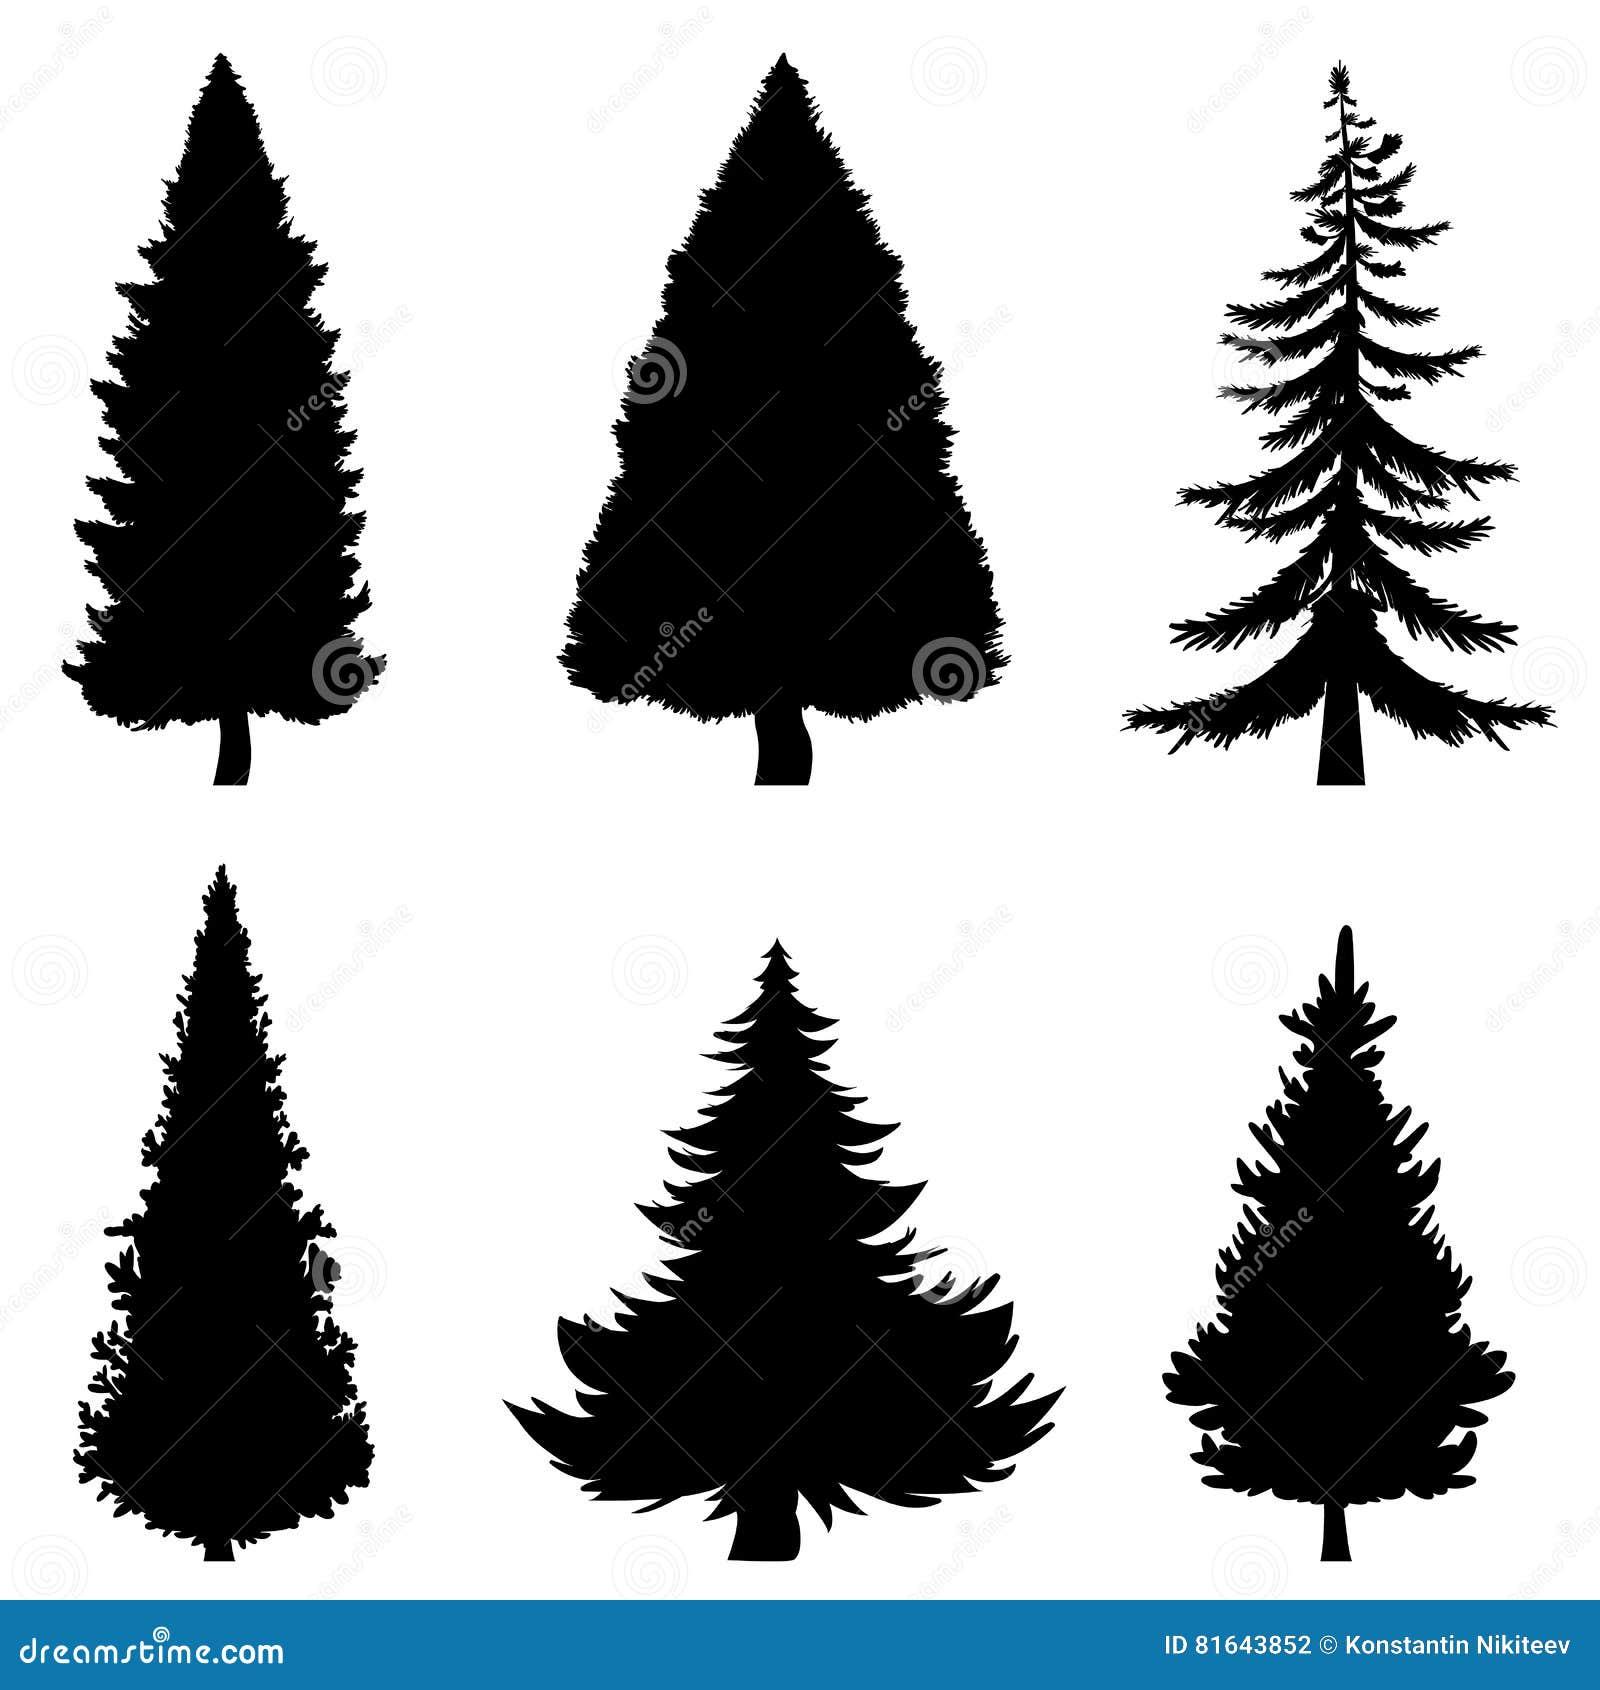 Siluetas negras del vector de 6 árboles de pino en el fondo blanco